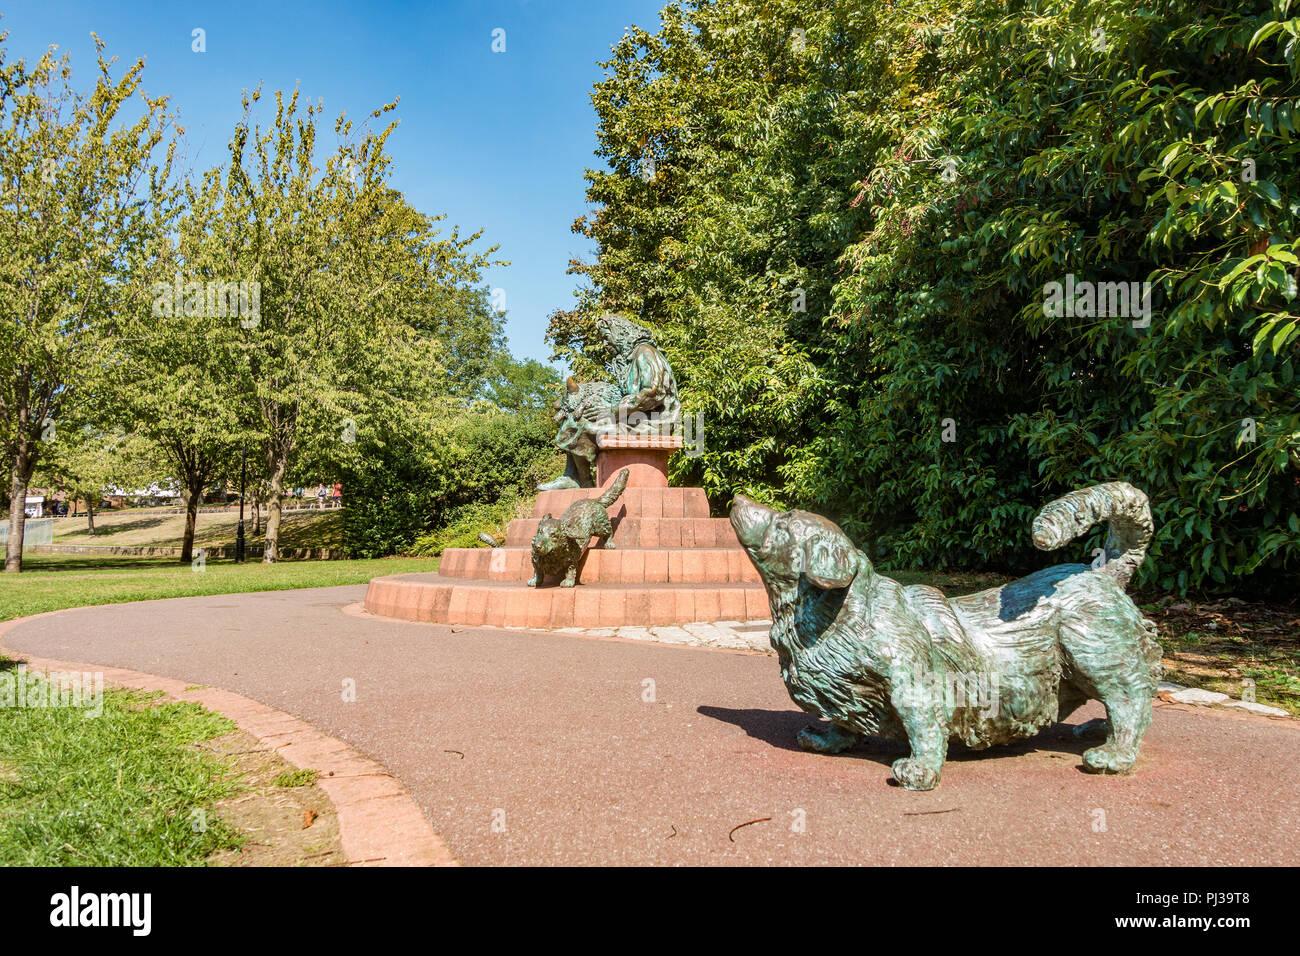 """""""Windsor Lady"""" una escultura de la Reina Isabel con sus corgis por Lydia Karpinska está situado en Solteros Acre Park en Windsor, Reino Unido. Foto de stock"""